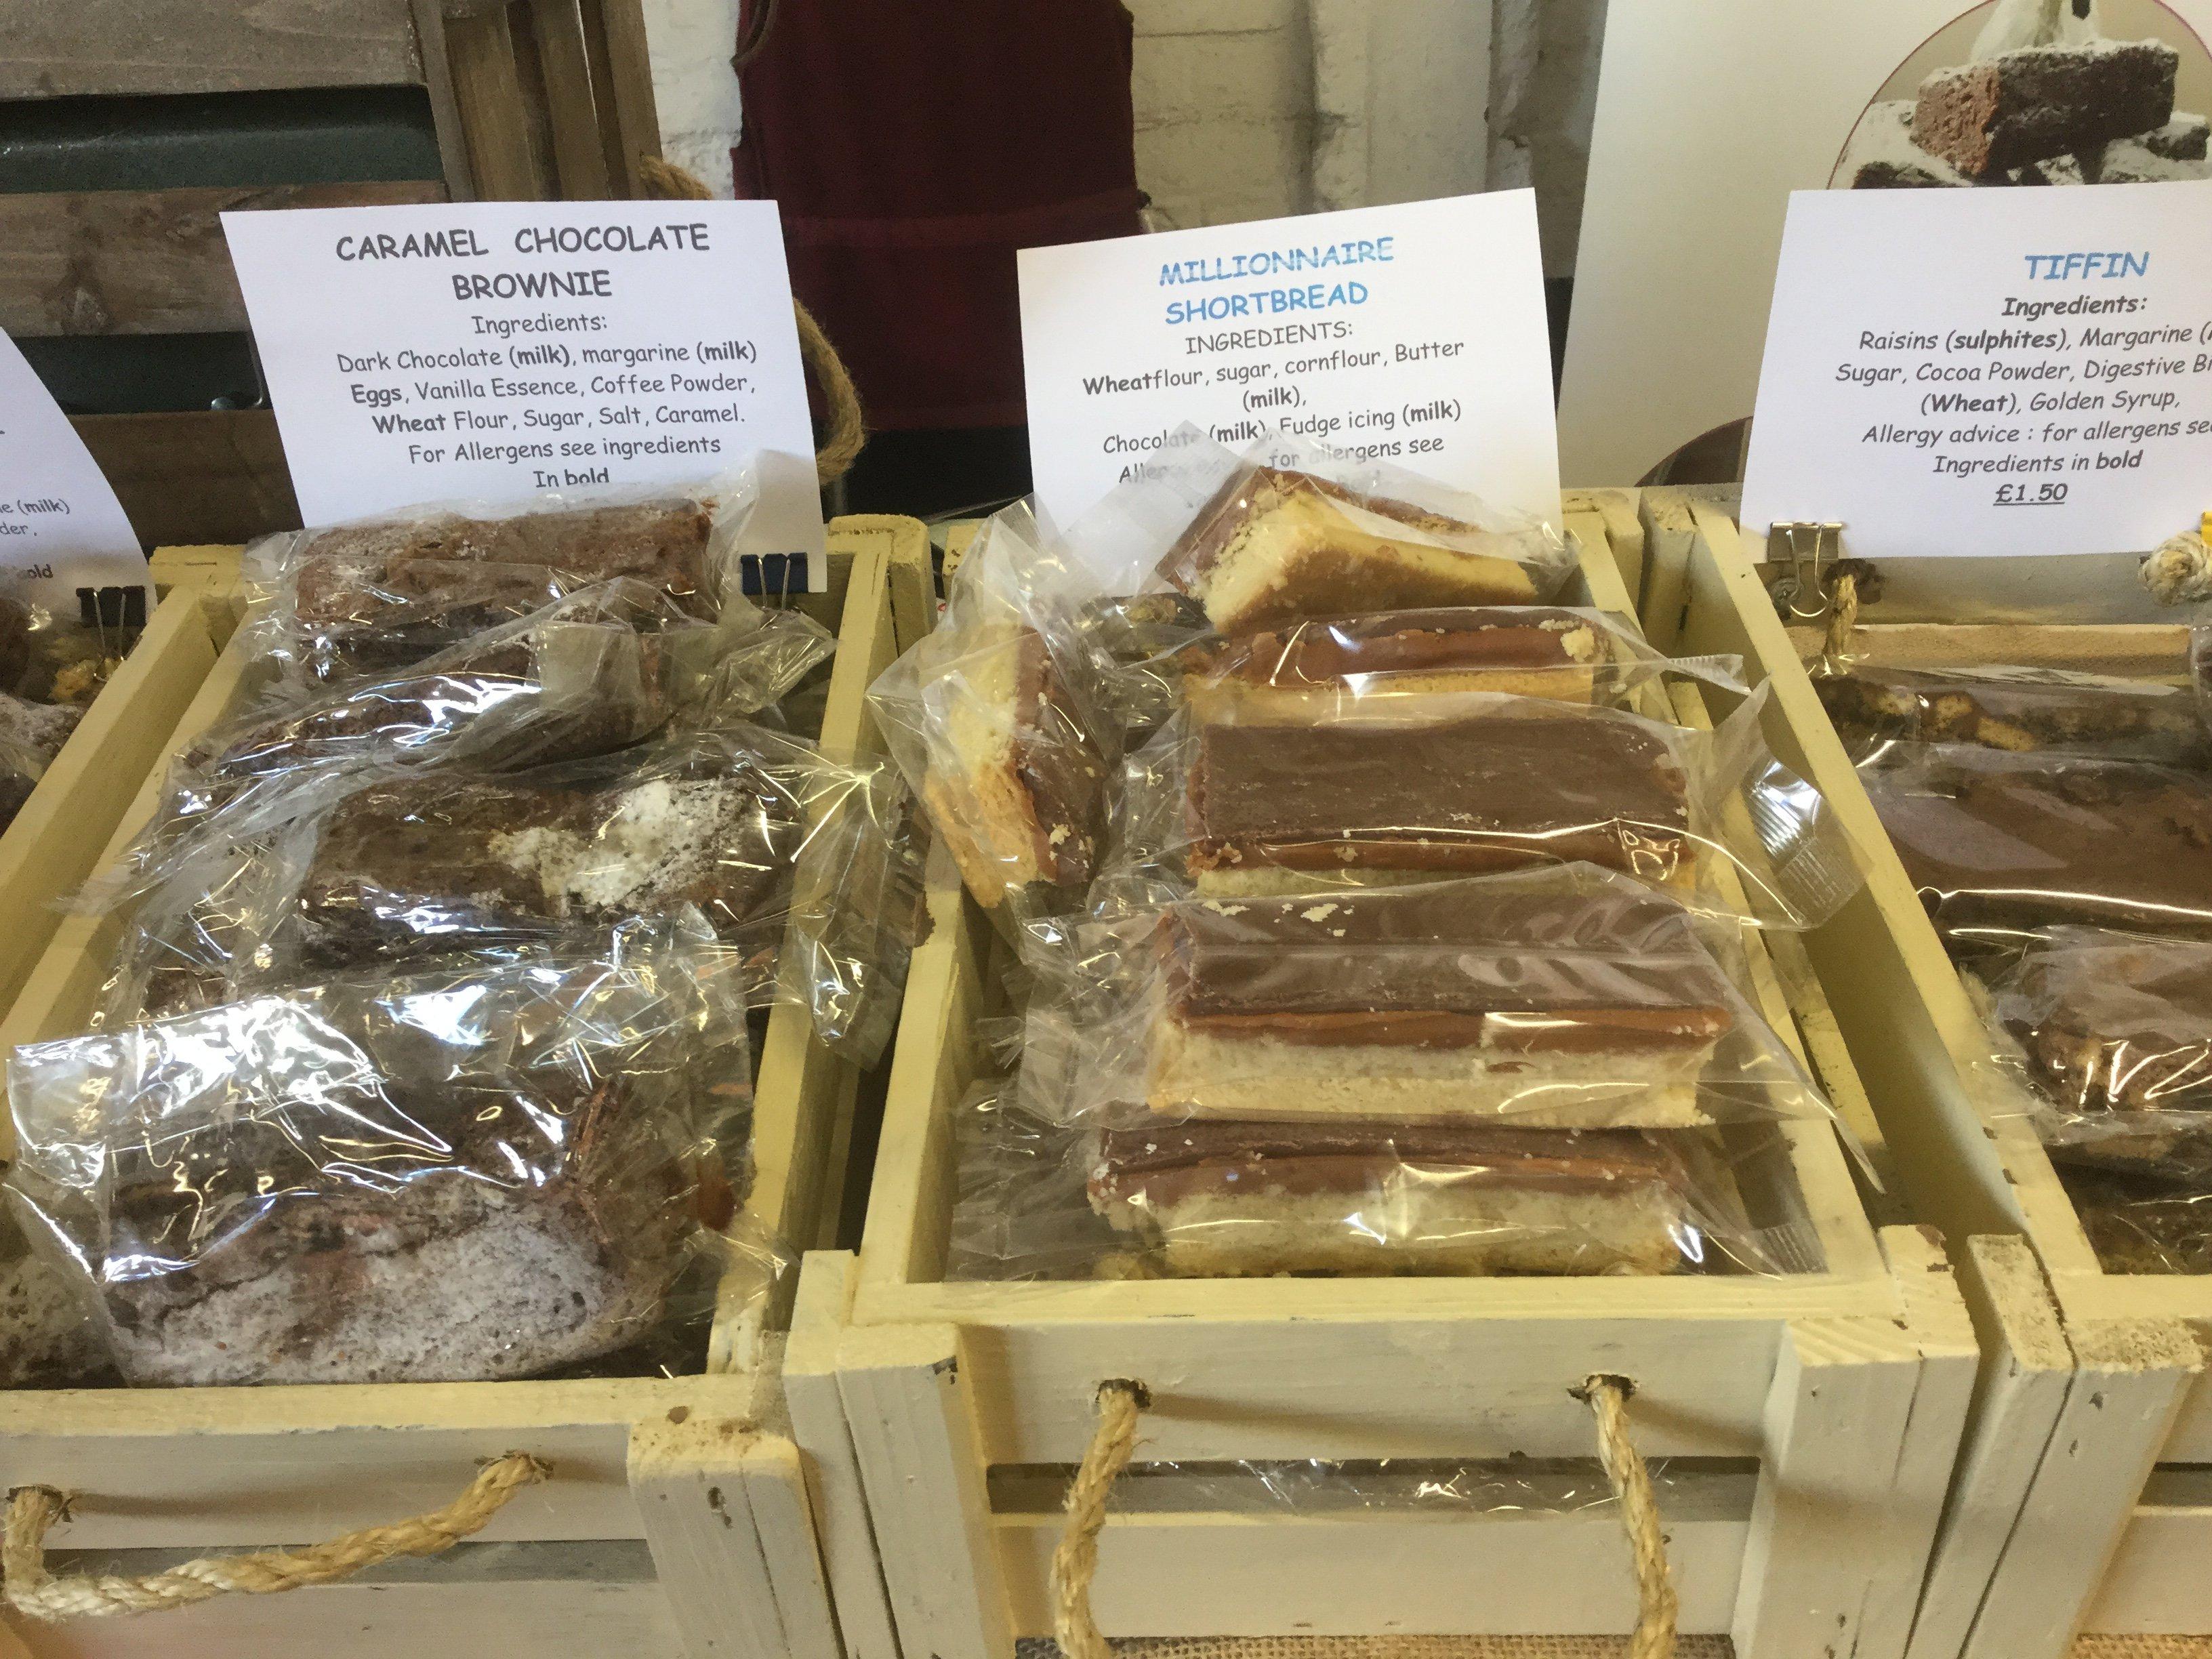 packaged cookies and brownies